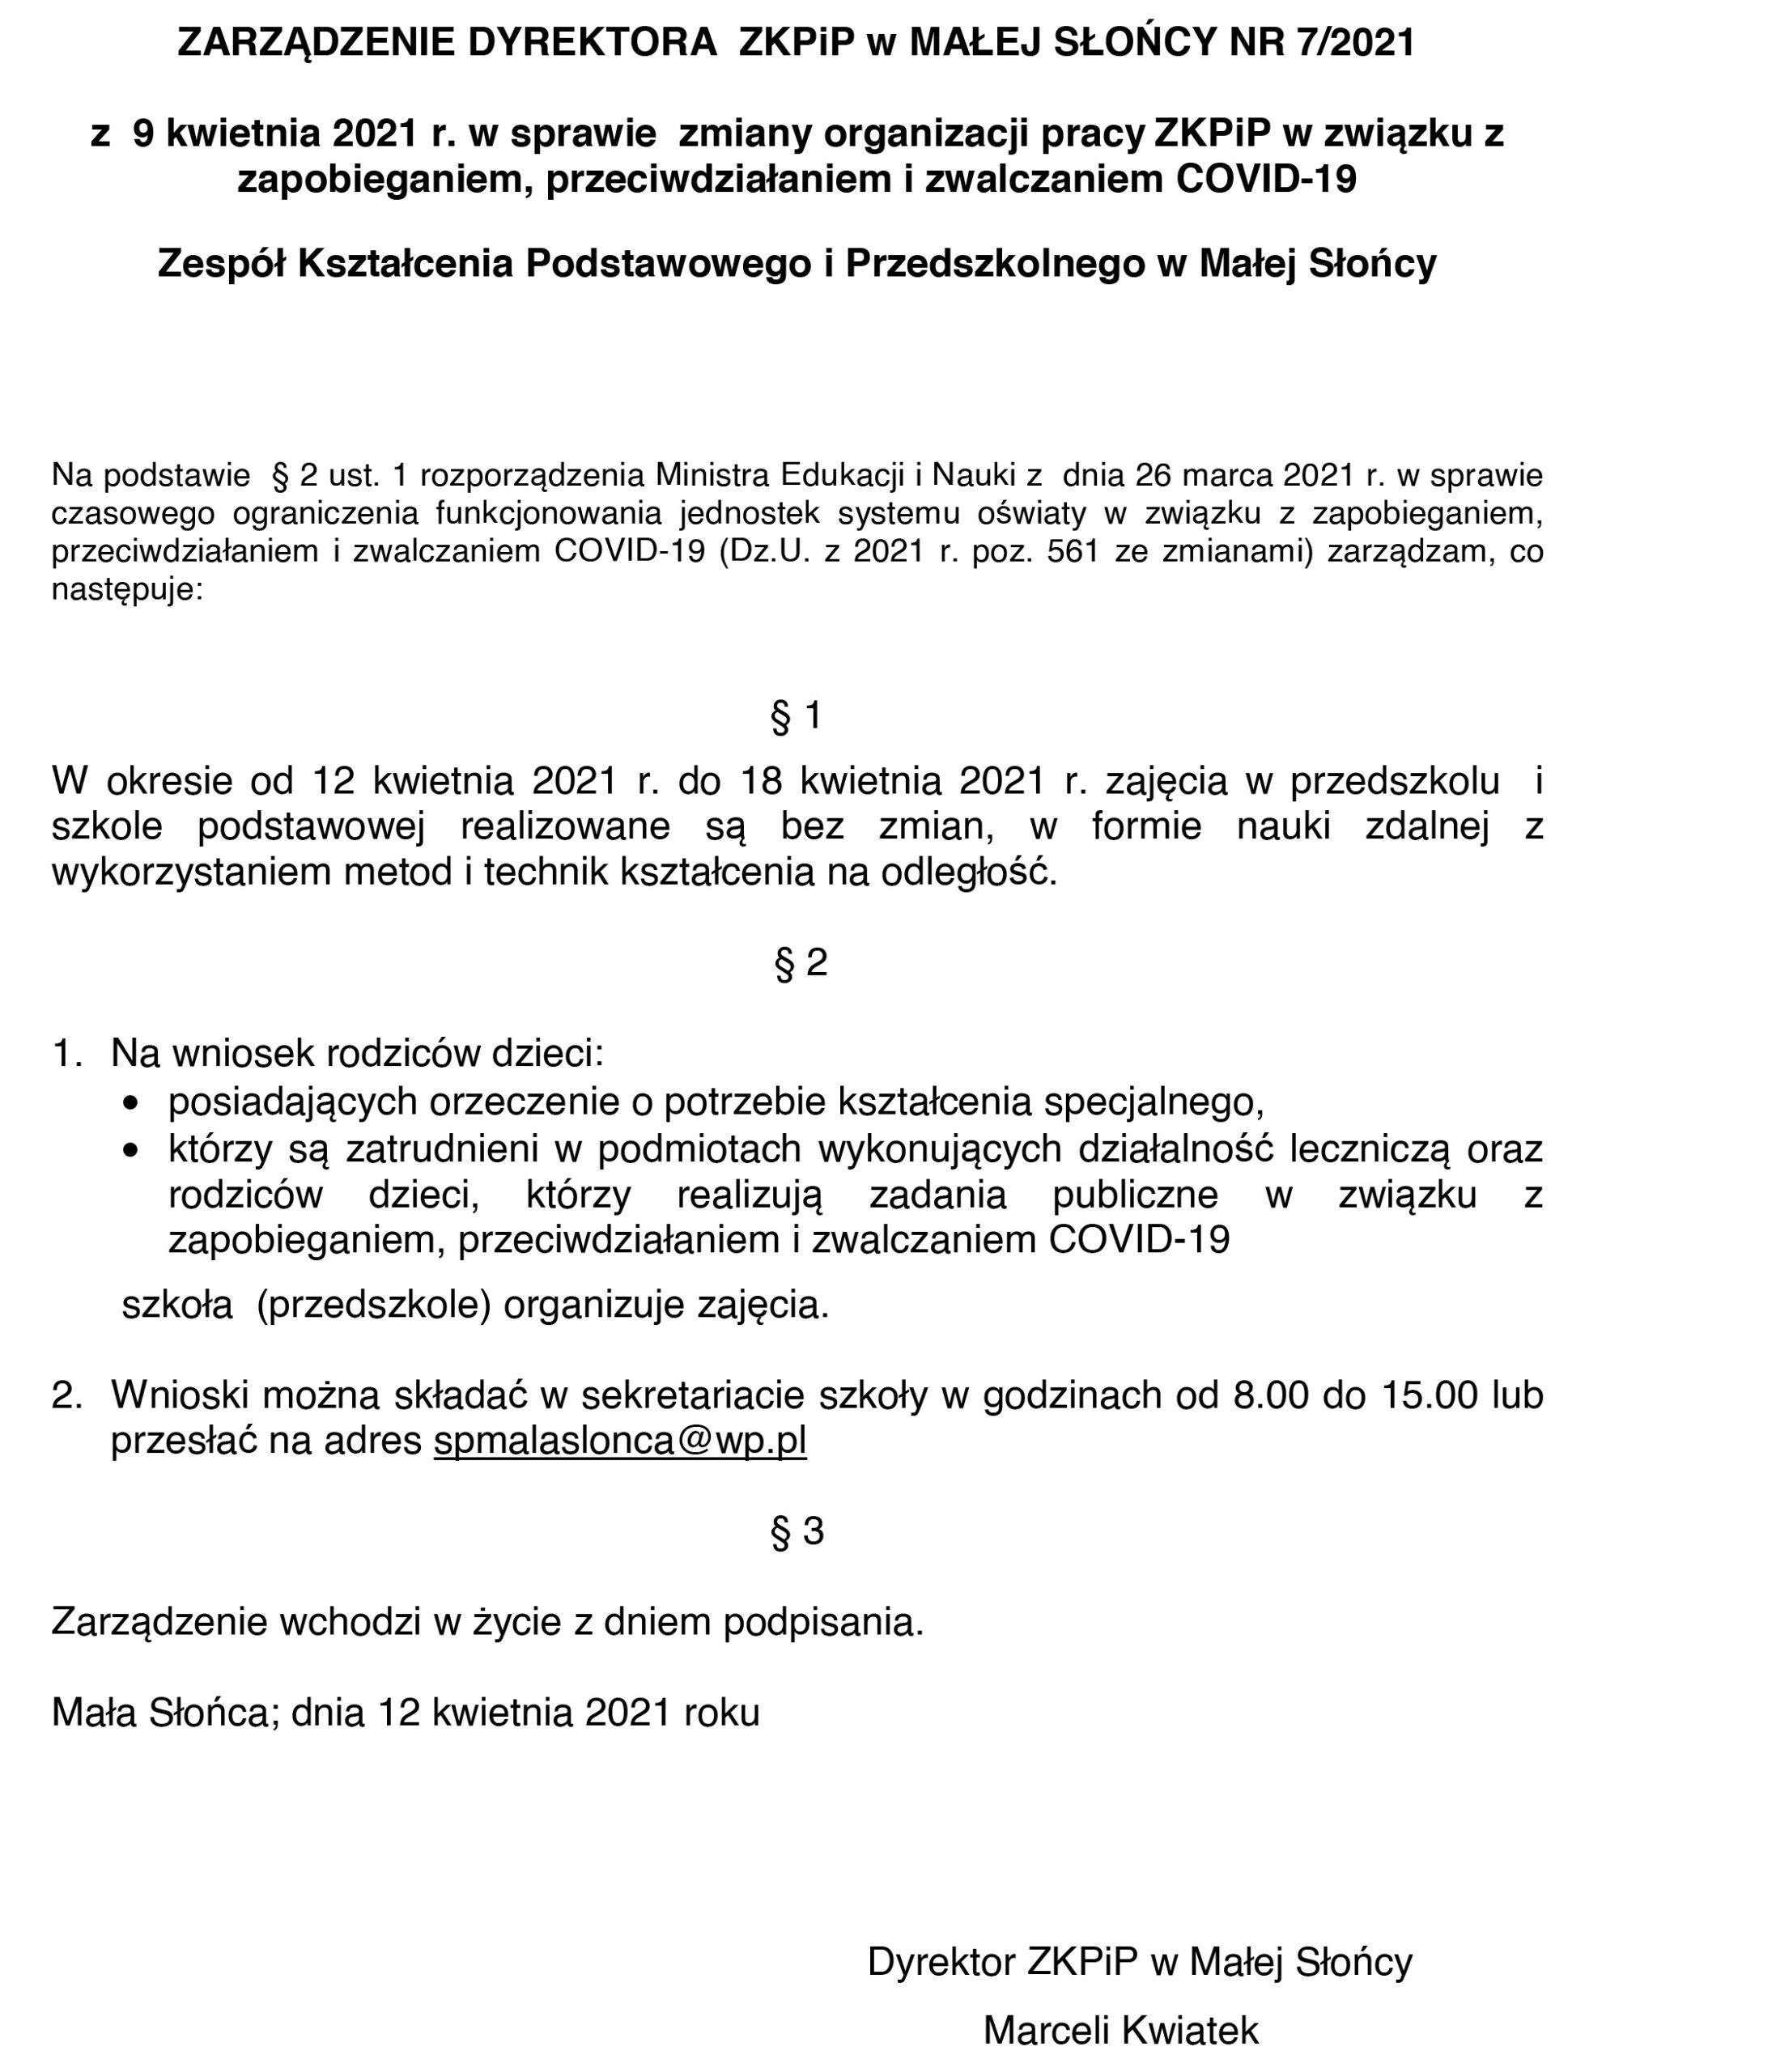 ZARZĄDZENIE DYREKTORA ZKPiP w MAŁEJ SŁOŃCY NR 7/2021 z 12 kwietnia 2021 r. w sprawie zmiany organizacji pracy ZKPiP w związku z zapobieganiem, przeciwdziałaniem i zwalczaniem COVID-19